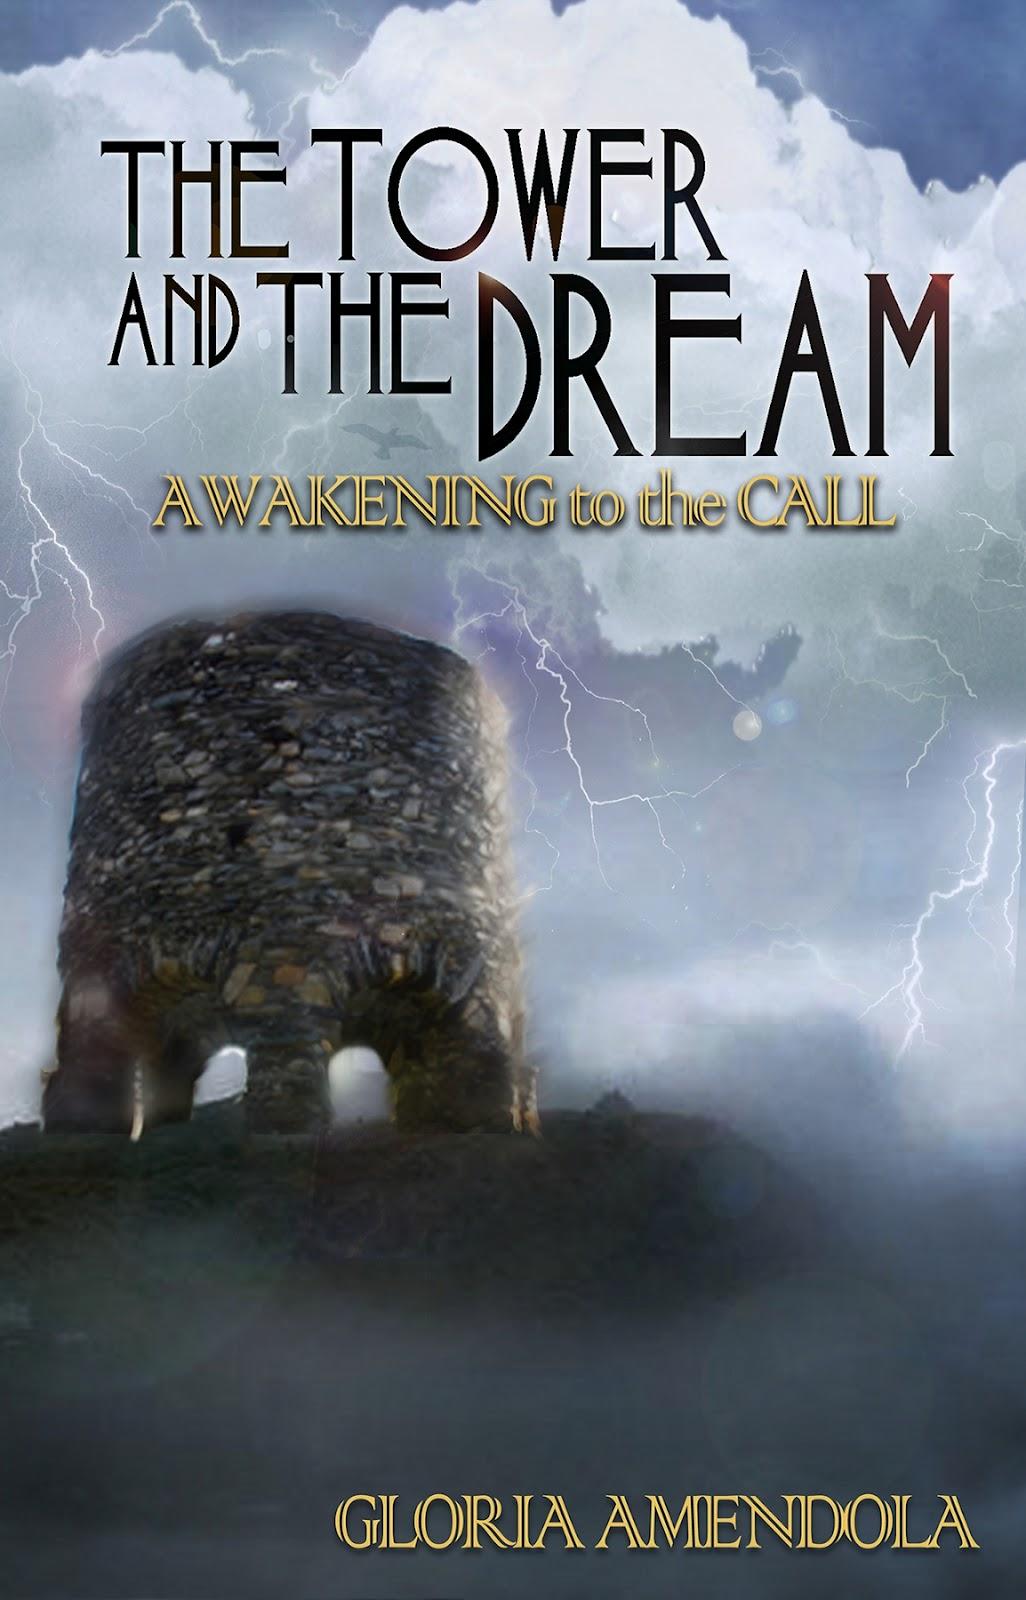 Tower and the Dream Gloria Amendola